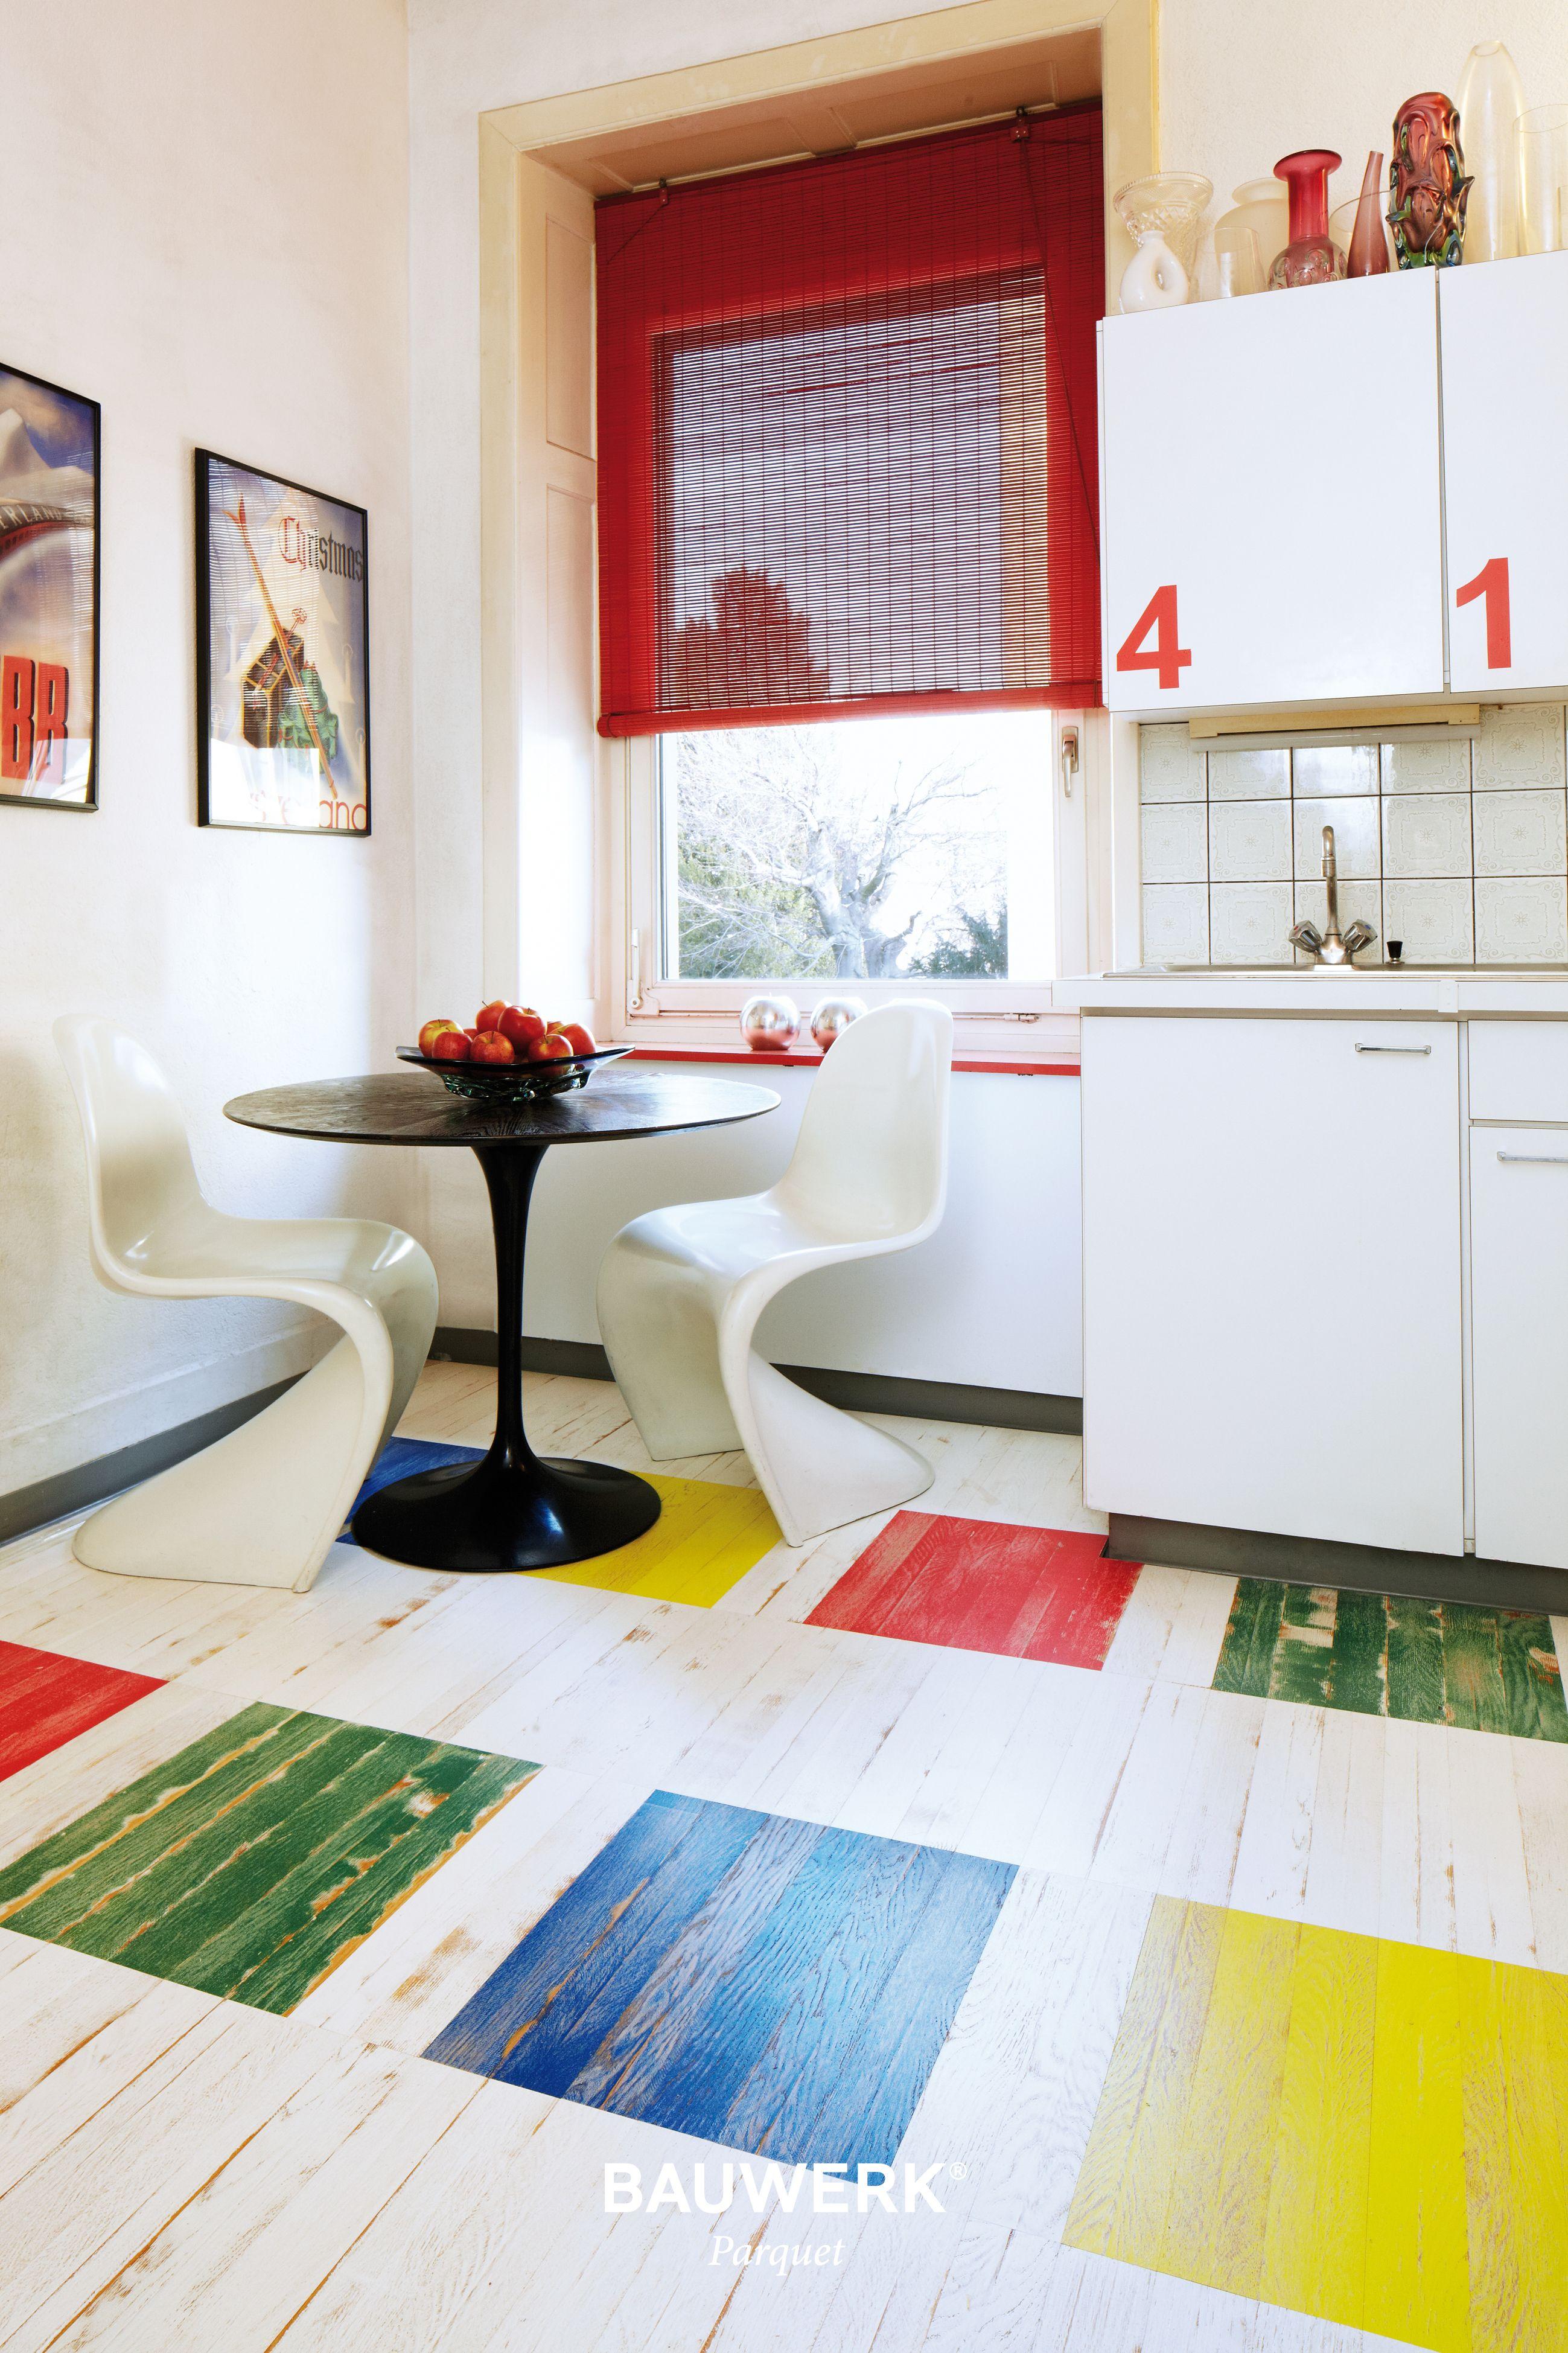 Künstlerisch Küche Vintage Referenz Von Lebhaftes Design Mit Farbenfrohem Parkettboden In Der